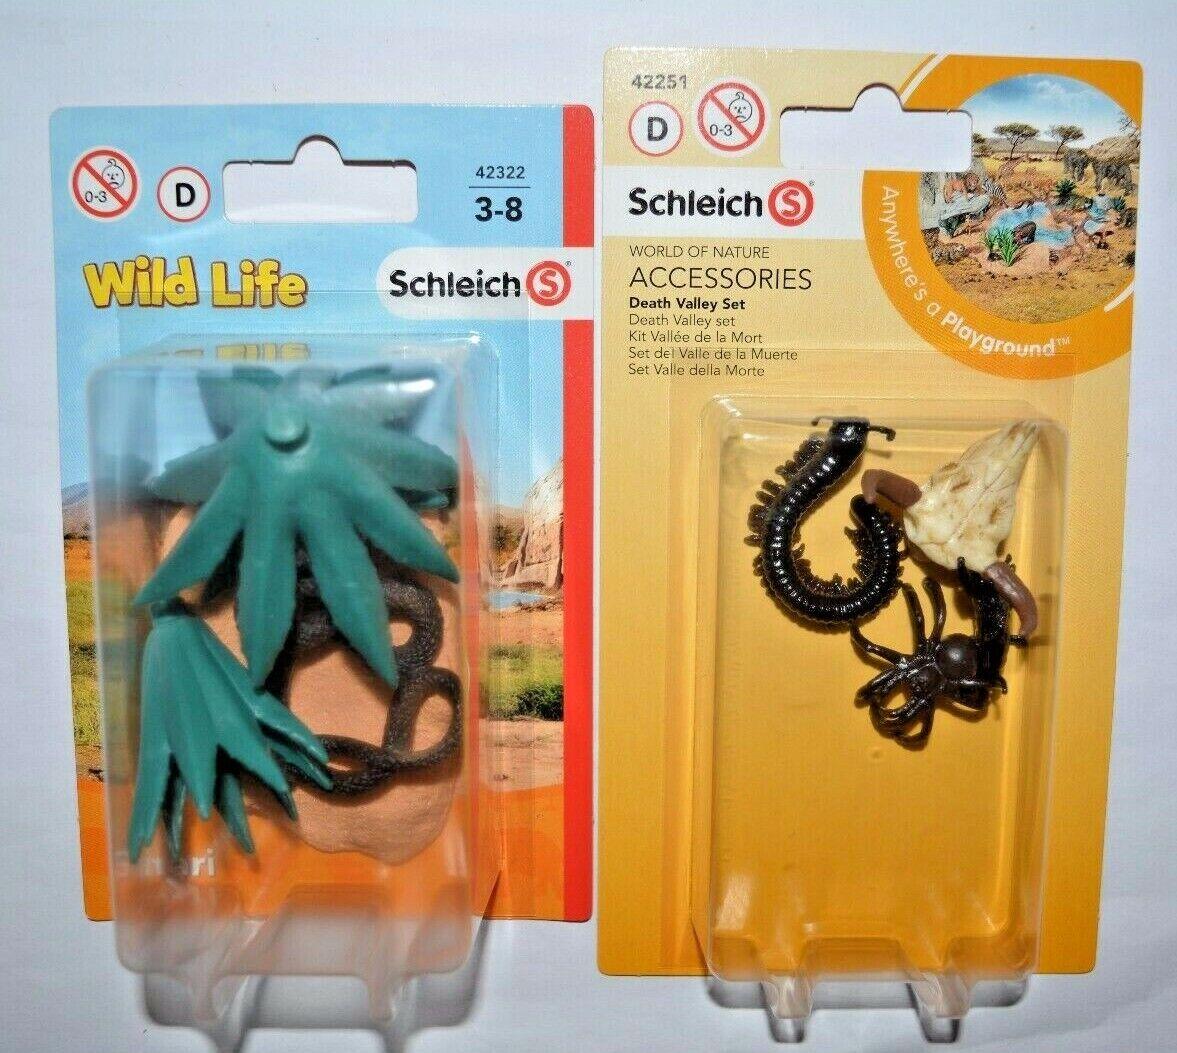 Schleich ® World of nature-Death Valley set-Schleich 42251-nuevo